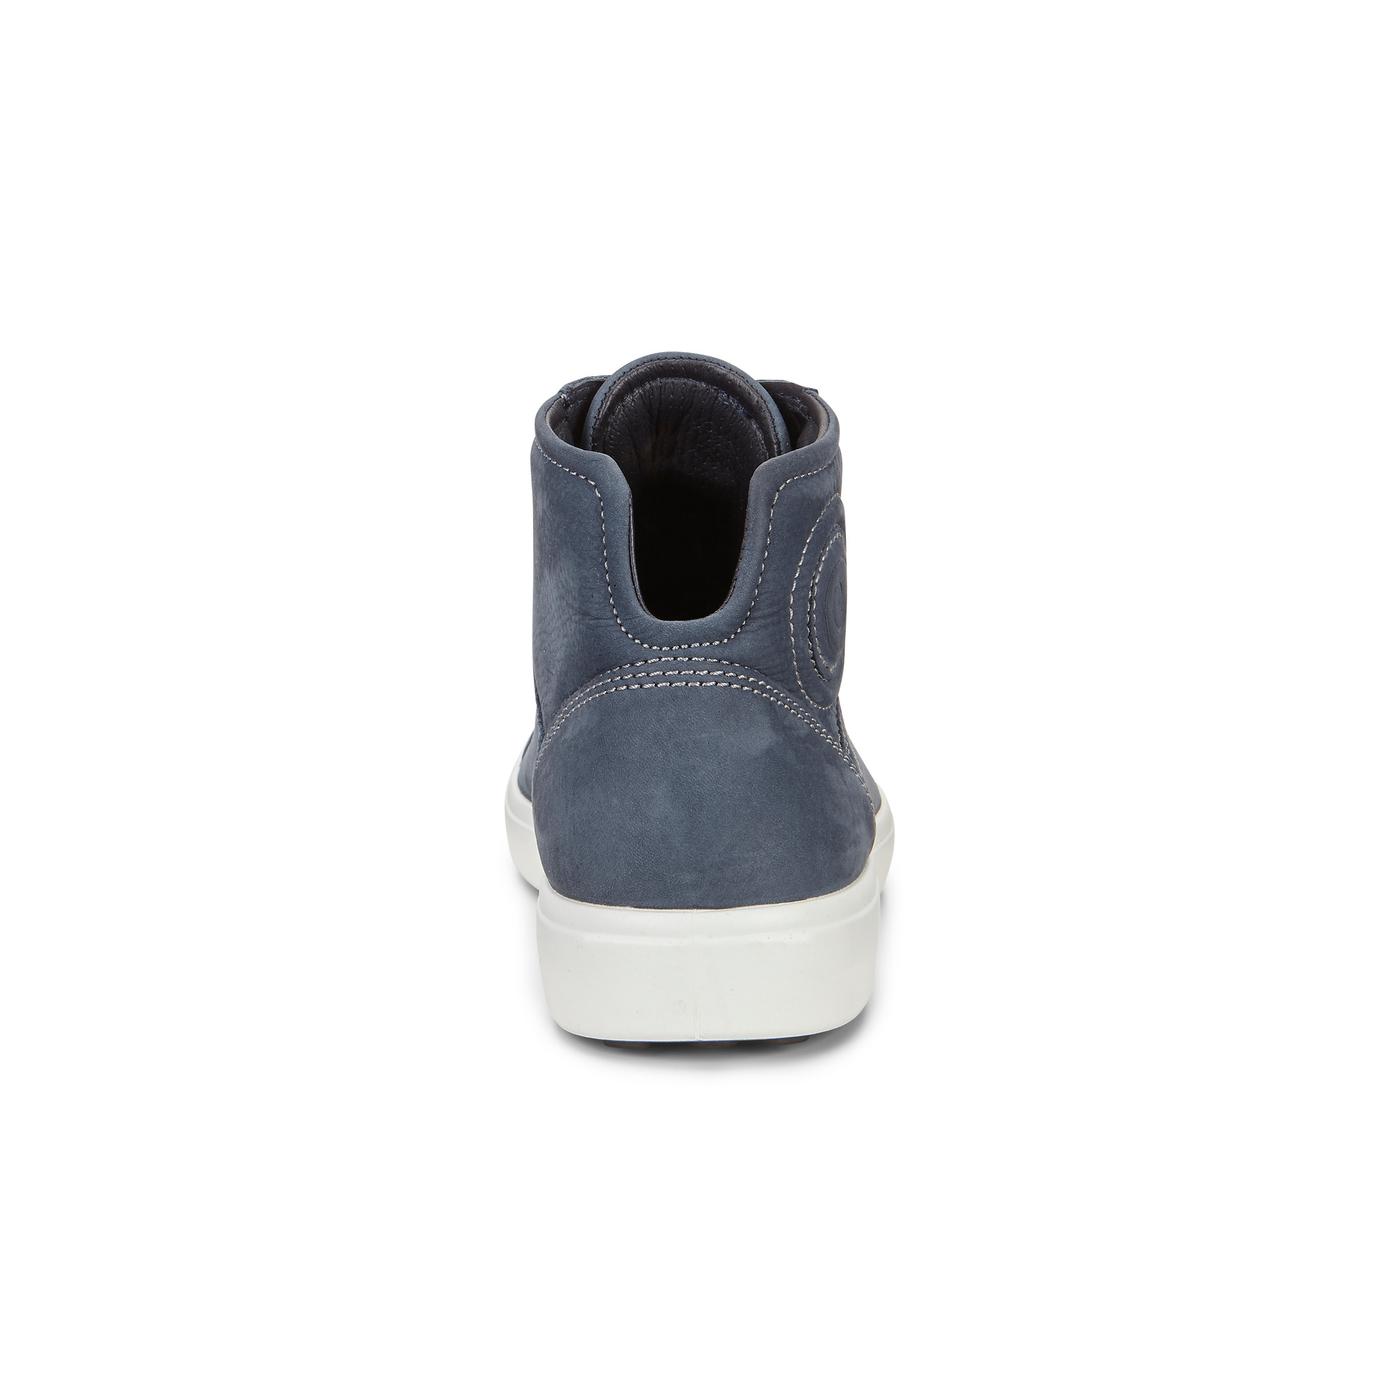 49837d7d9e ECCO Men's Soft 7 High Top | Men's Casual Boots | ECCO® Shoes